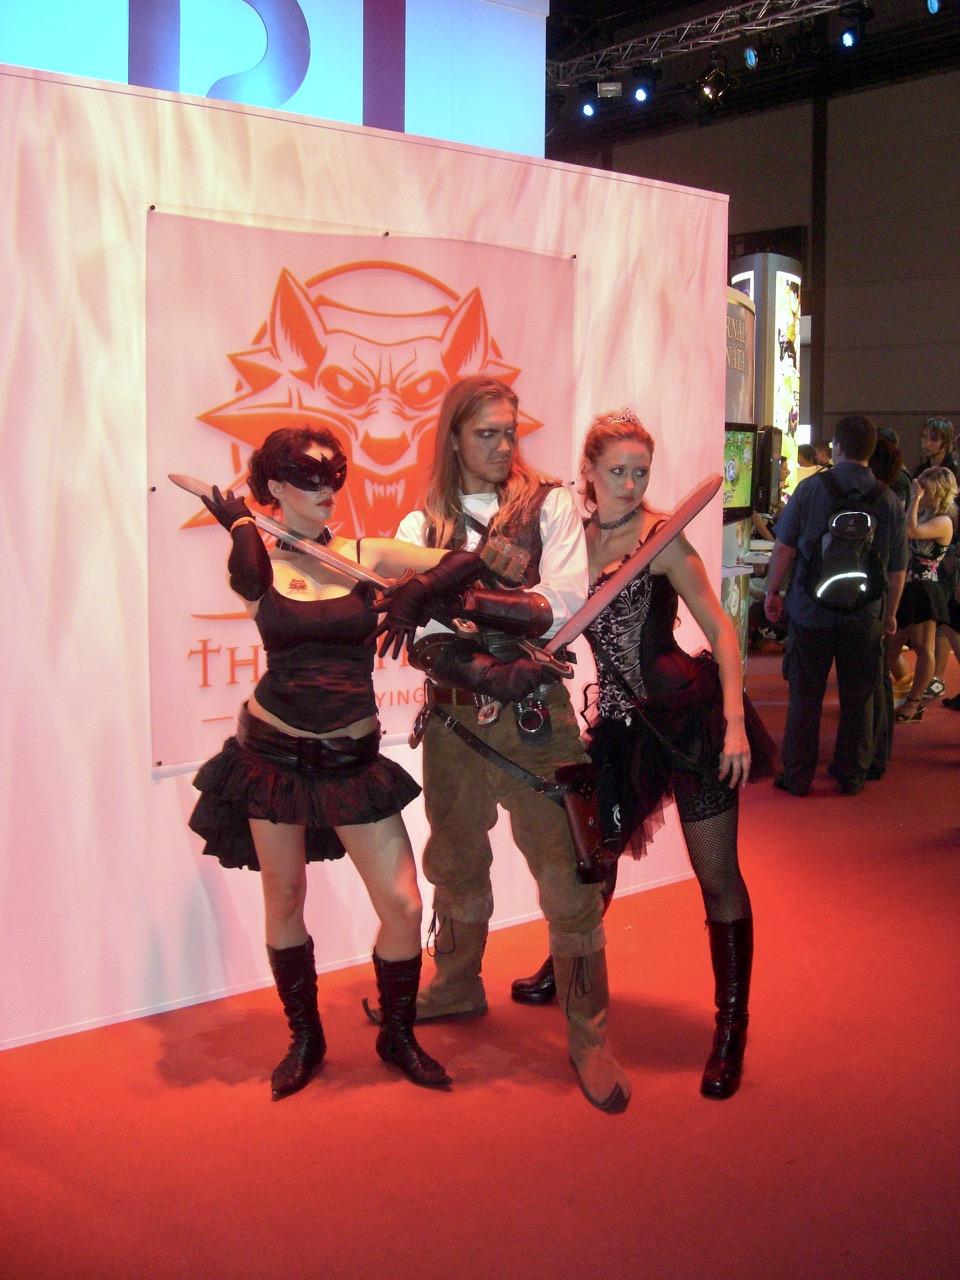 The Witcher als Cosplay. Teil 1 des Spiels erschien im Oktober 2007. (Bild: André Eymann)